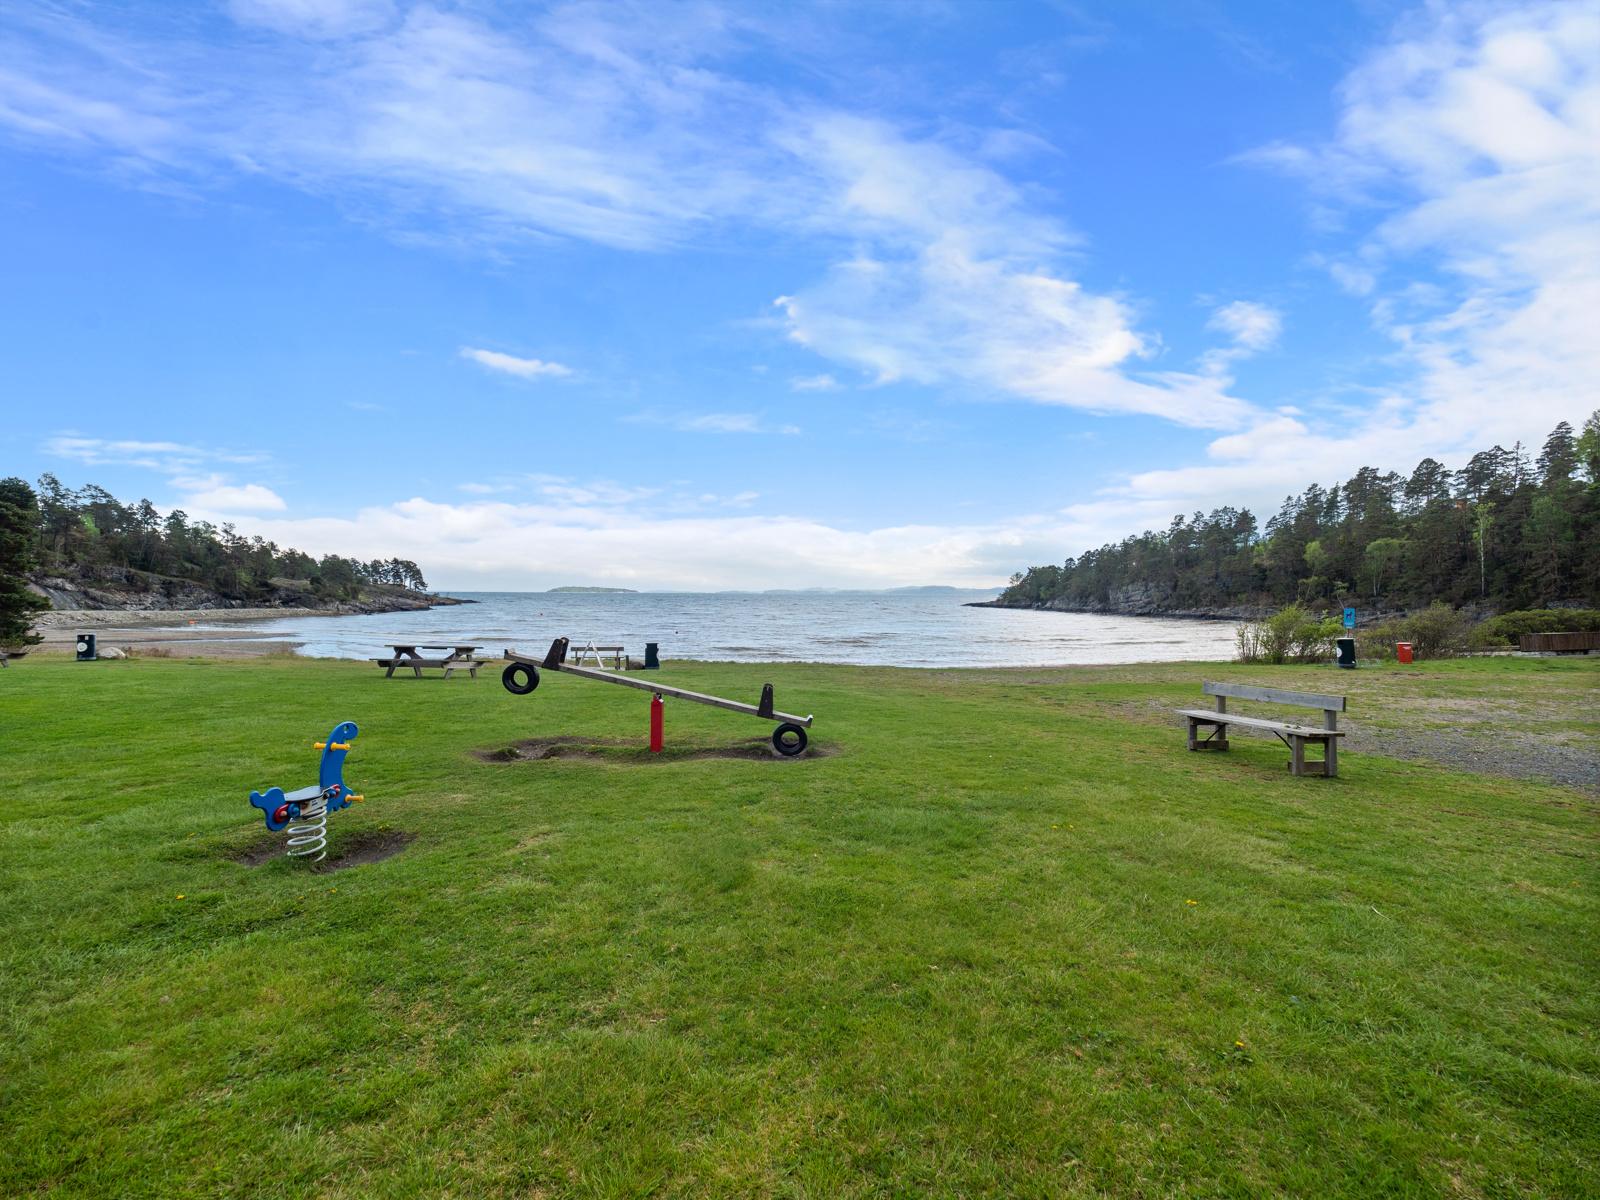 På Knatvoldstranda er det strand og stor gresslette med lekeapparater